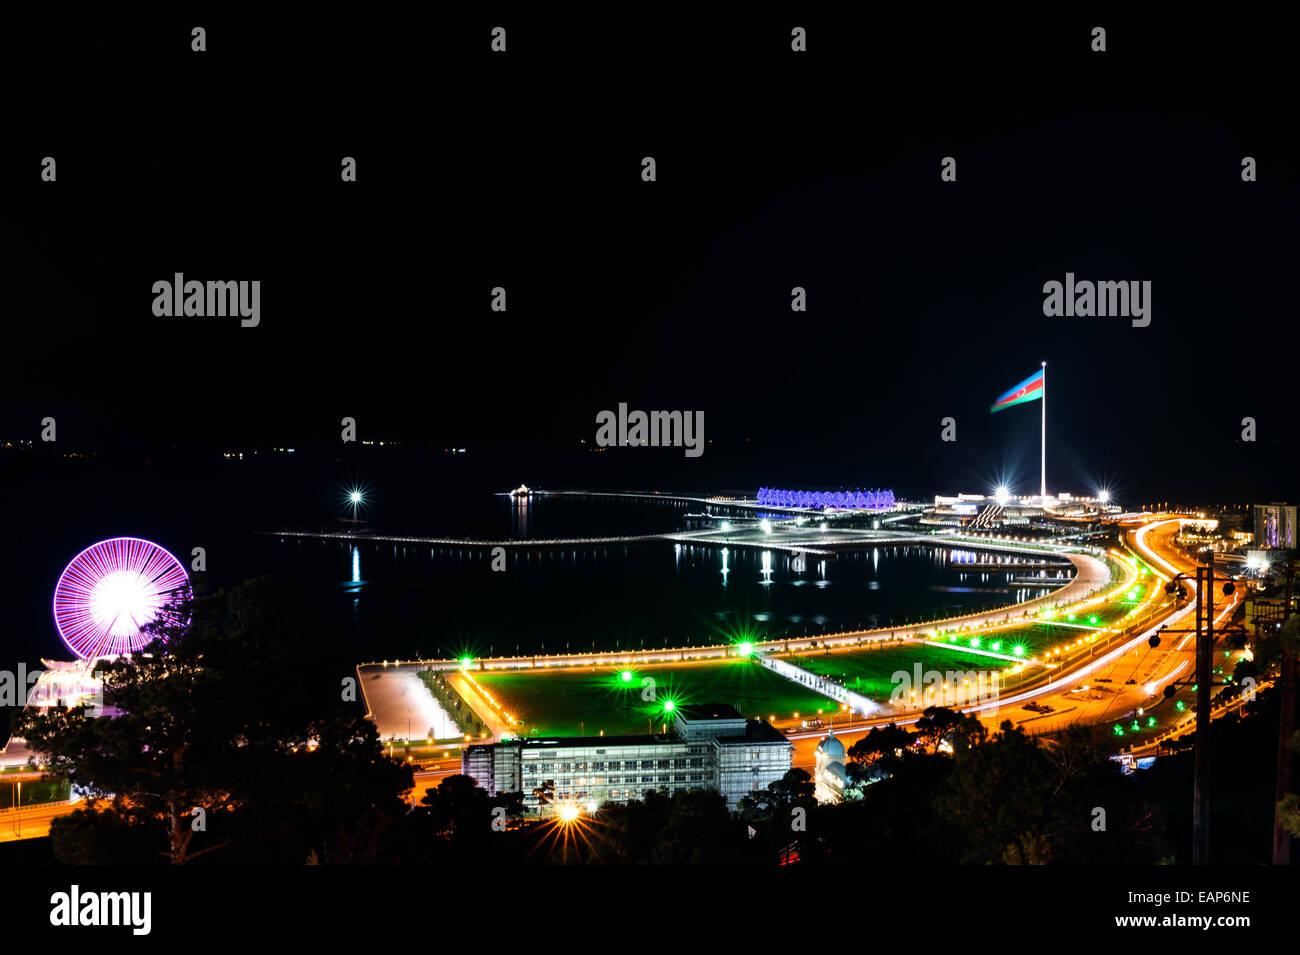 Baku panorama with highland park night view - Stock Image